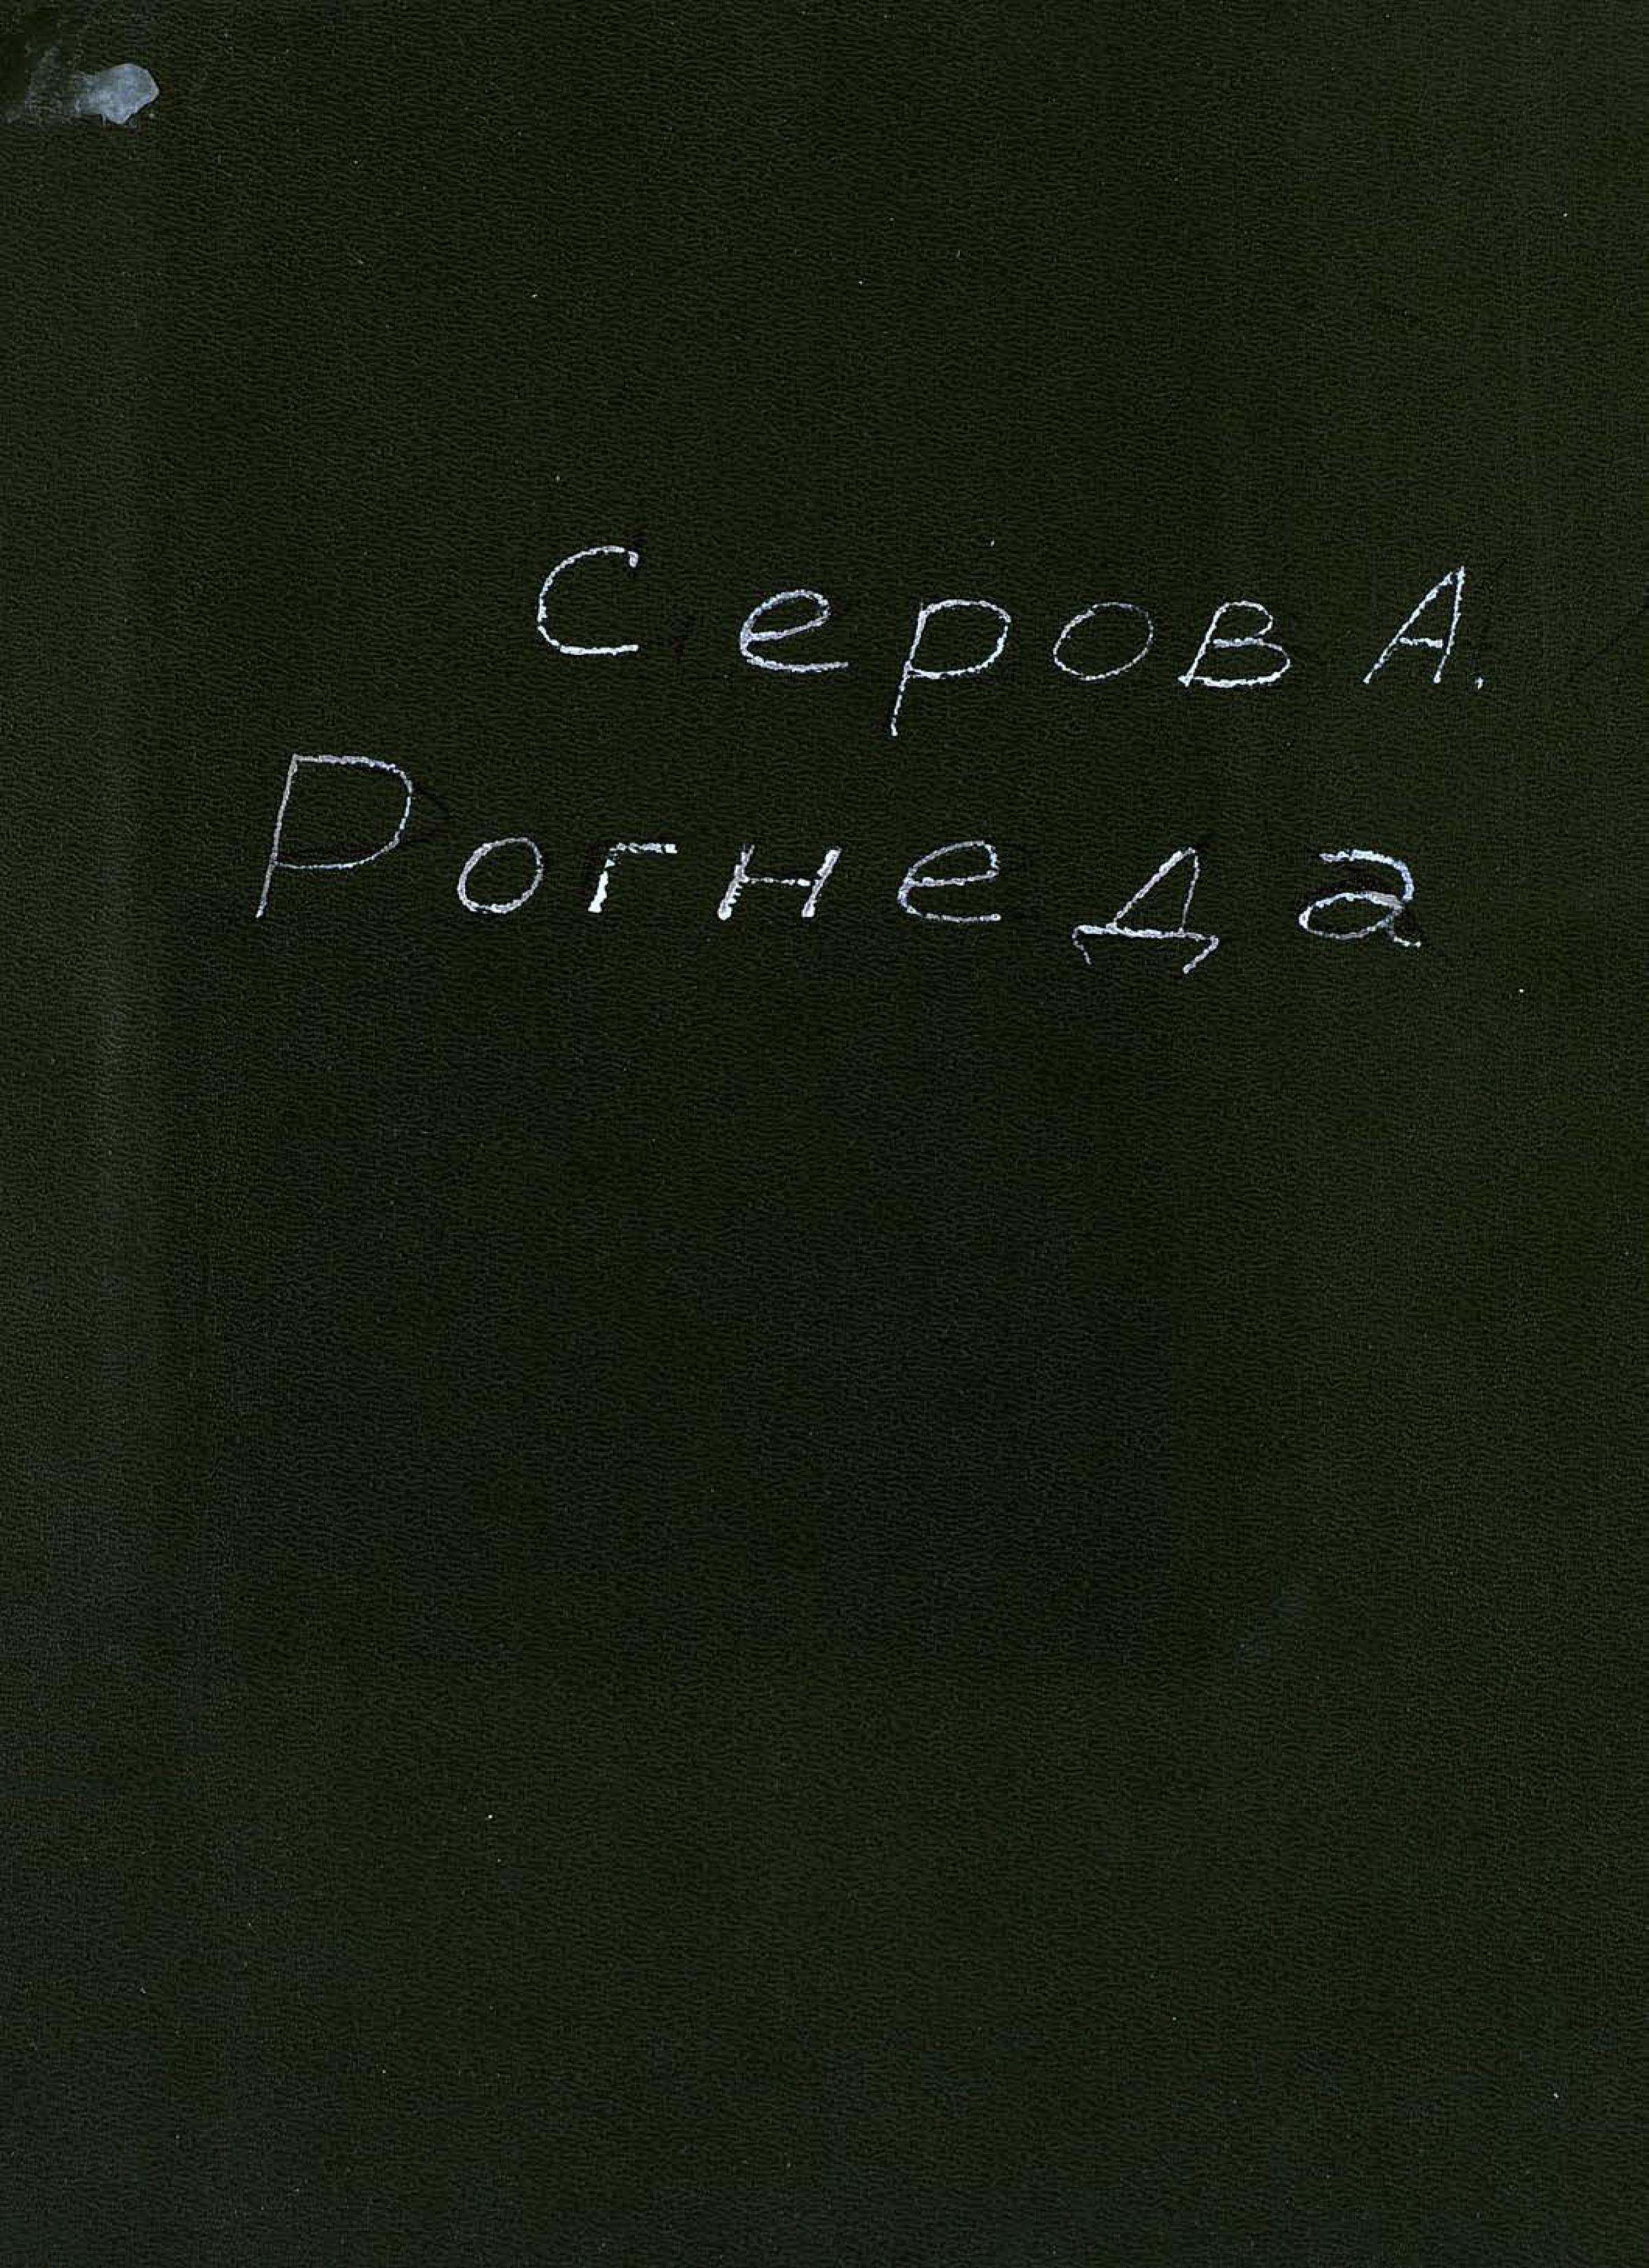 Александр Николаевич Серов Рогнеда александр николаевич стрижанков как найти самый дешёвый авиабилет